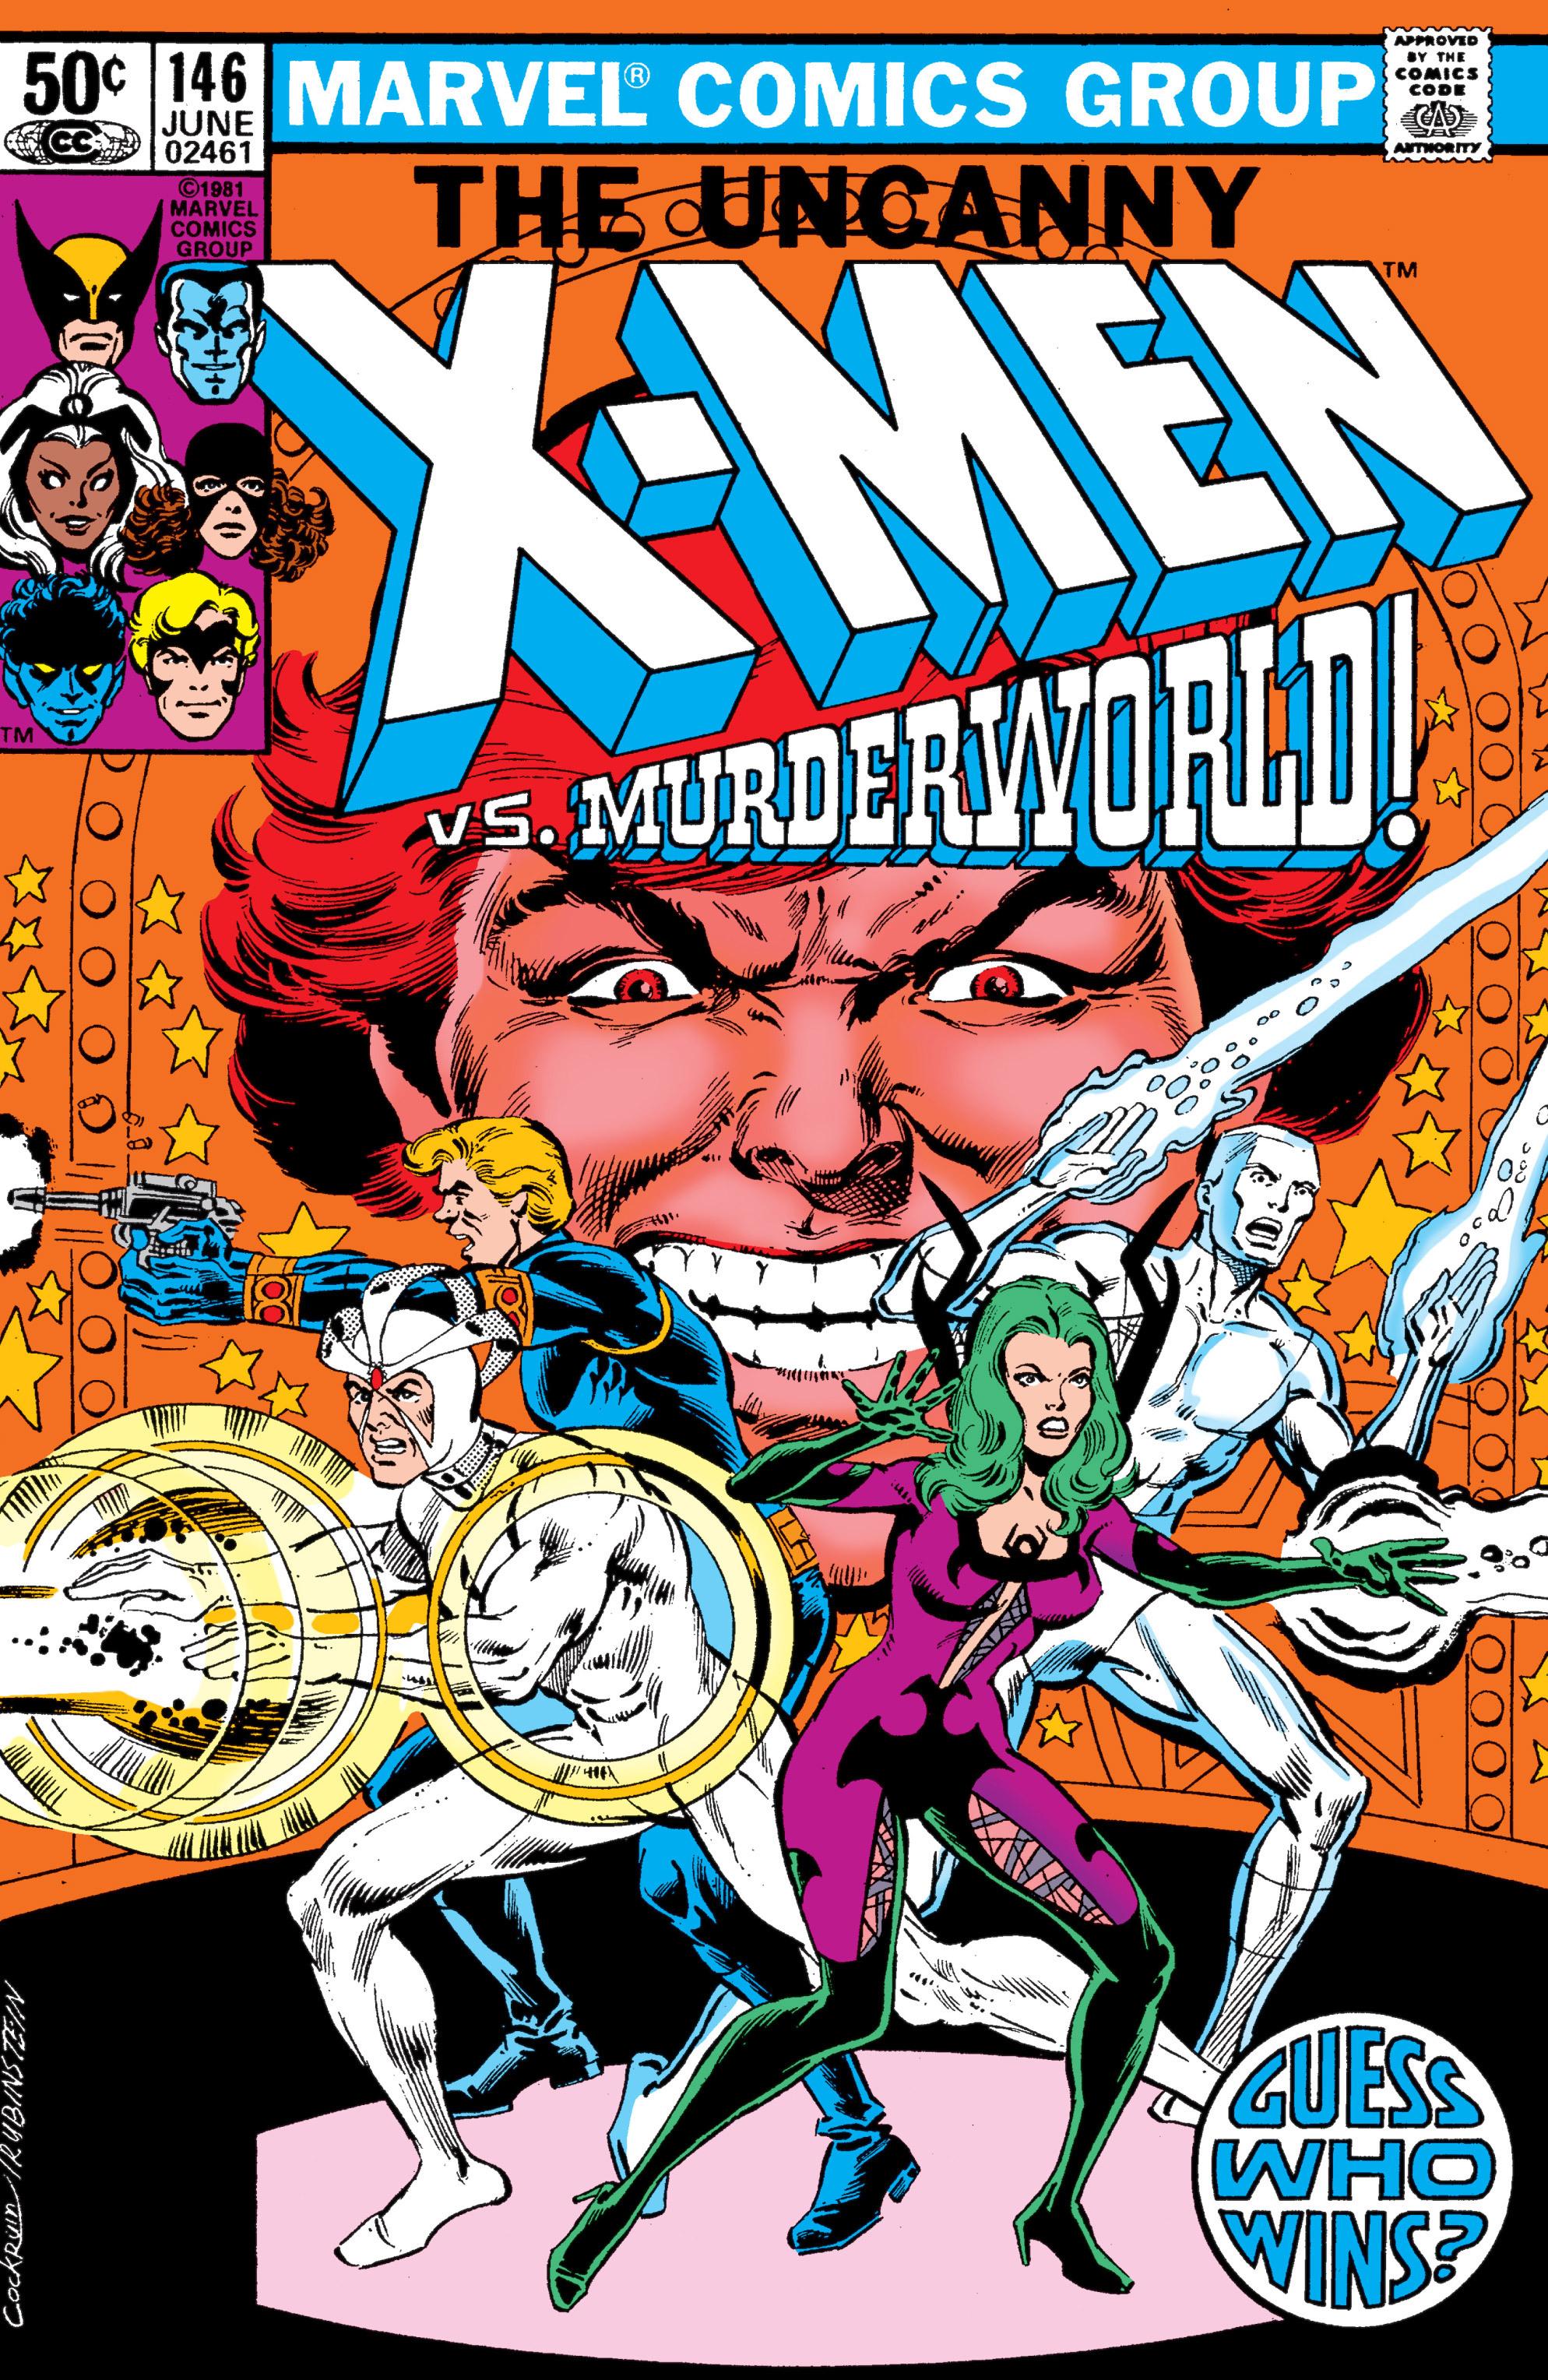 Read online Uncanny X-Men (1963) comic -  Issue #146 - 1